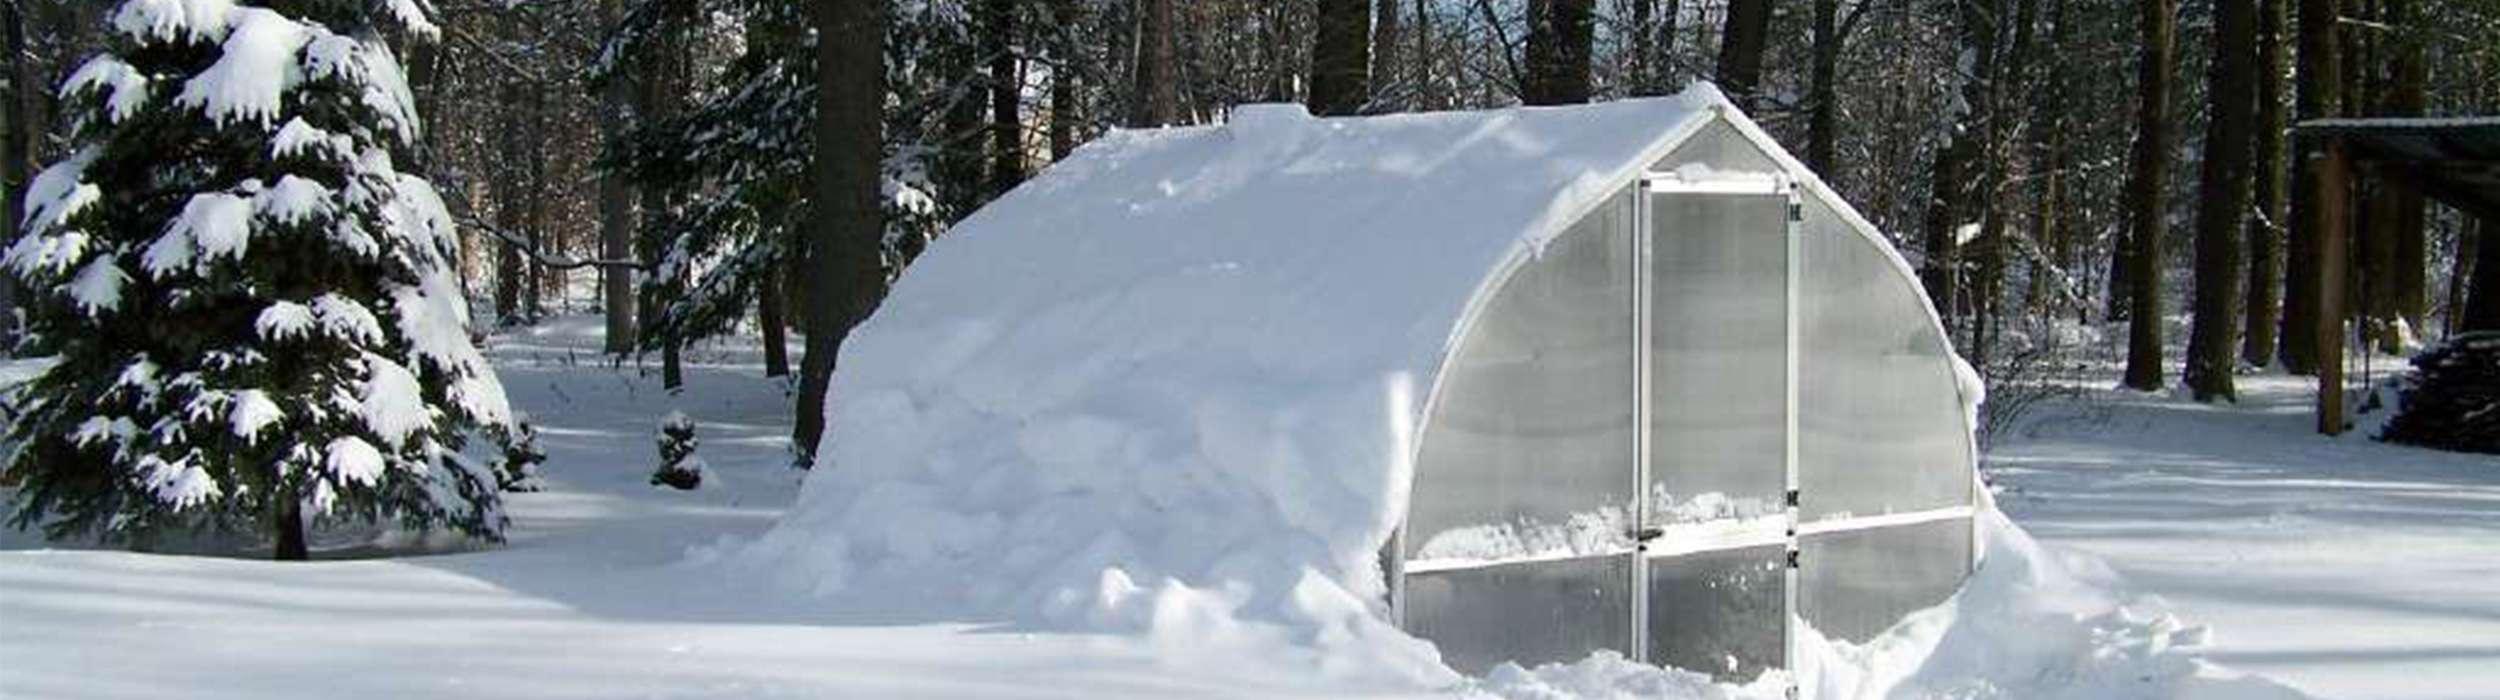 Glasklare Sache Das Gewachshaus Auch Im Winter Nutzen